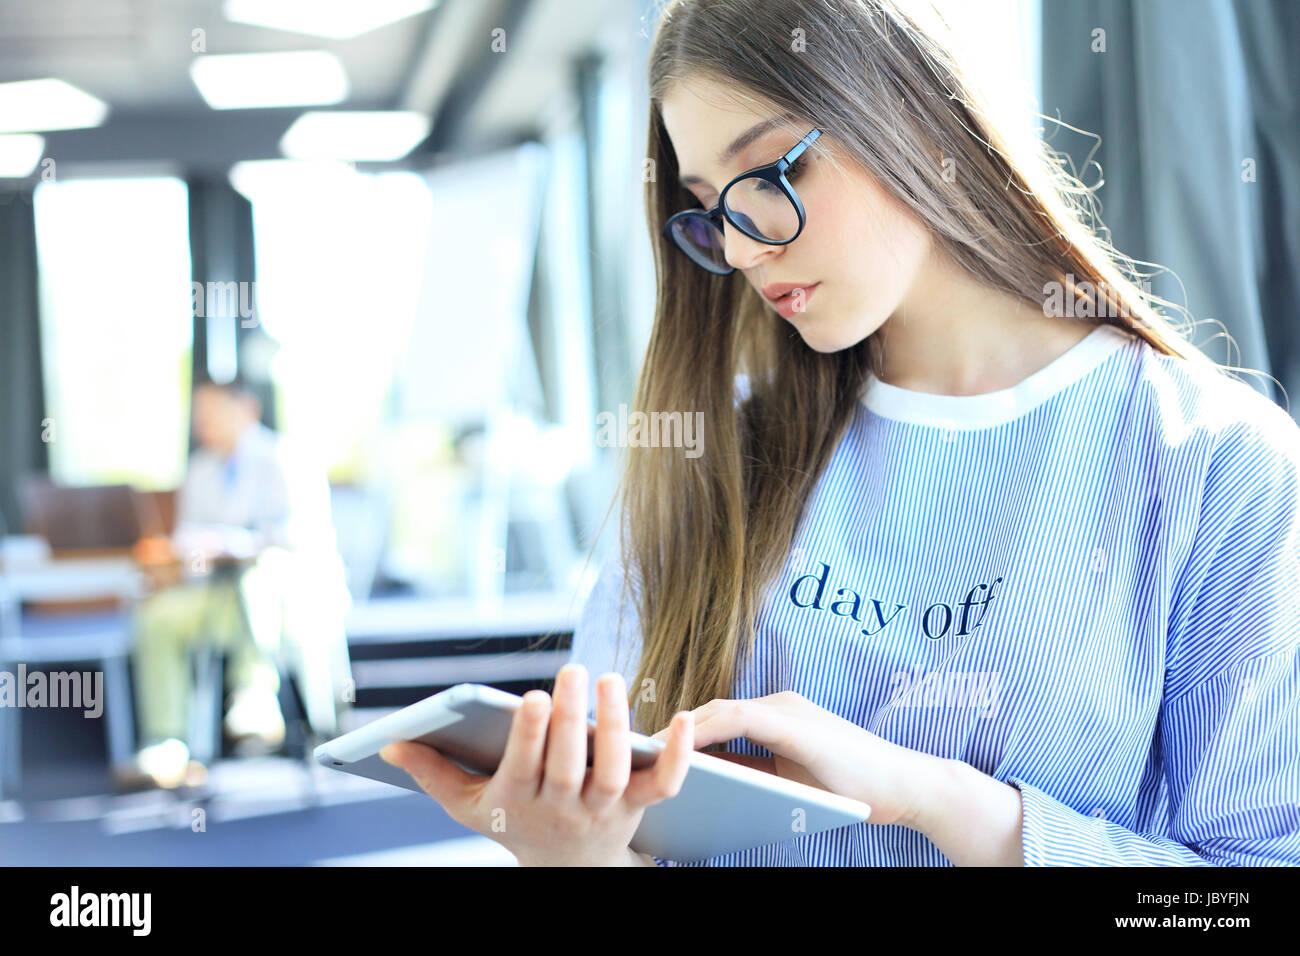 Attraente imprenditrice lavorando su una tavoletta digitale in ufficio Immagini Stock